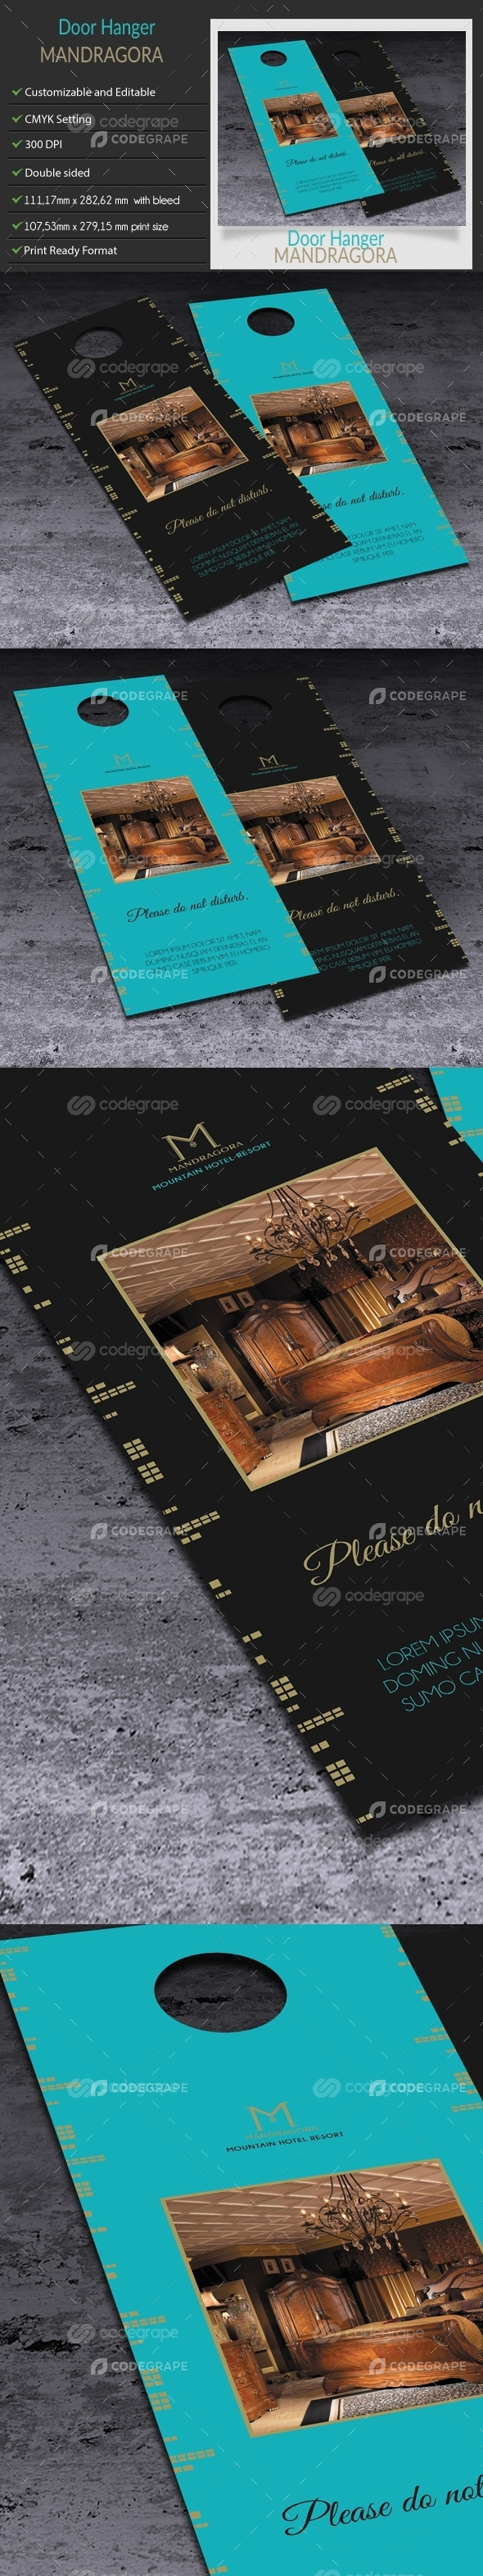 Door Hanger Card - Mandragora